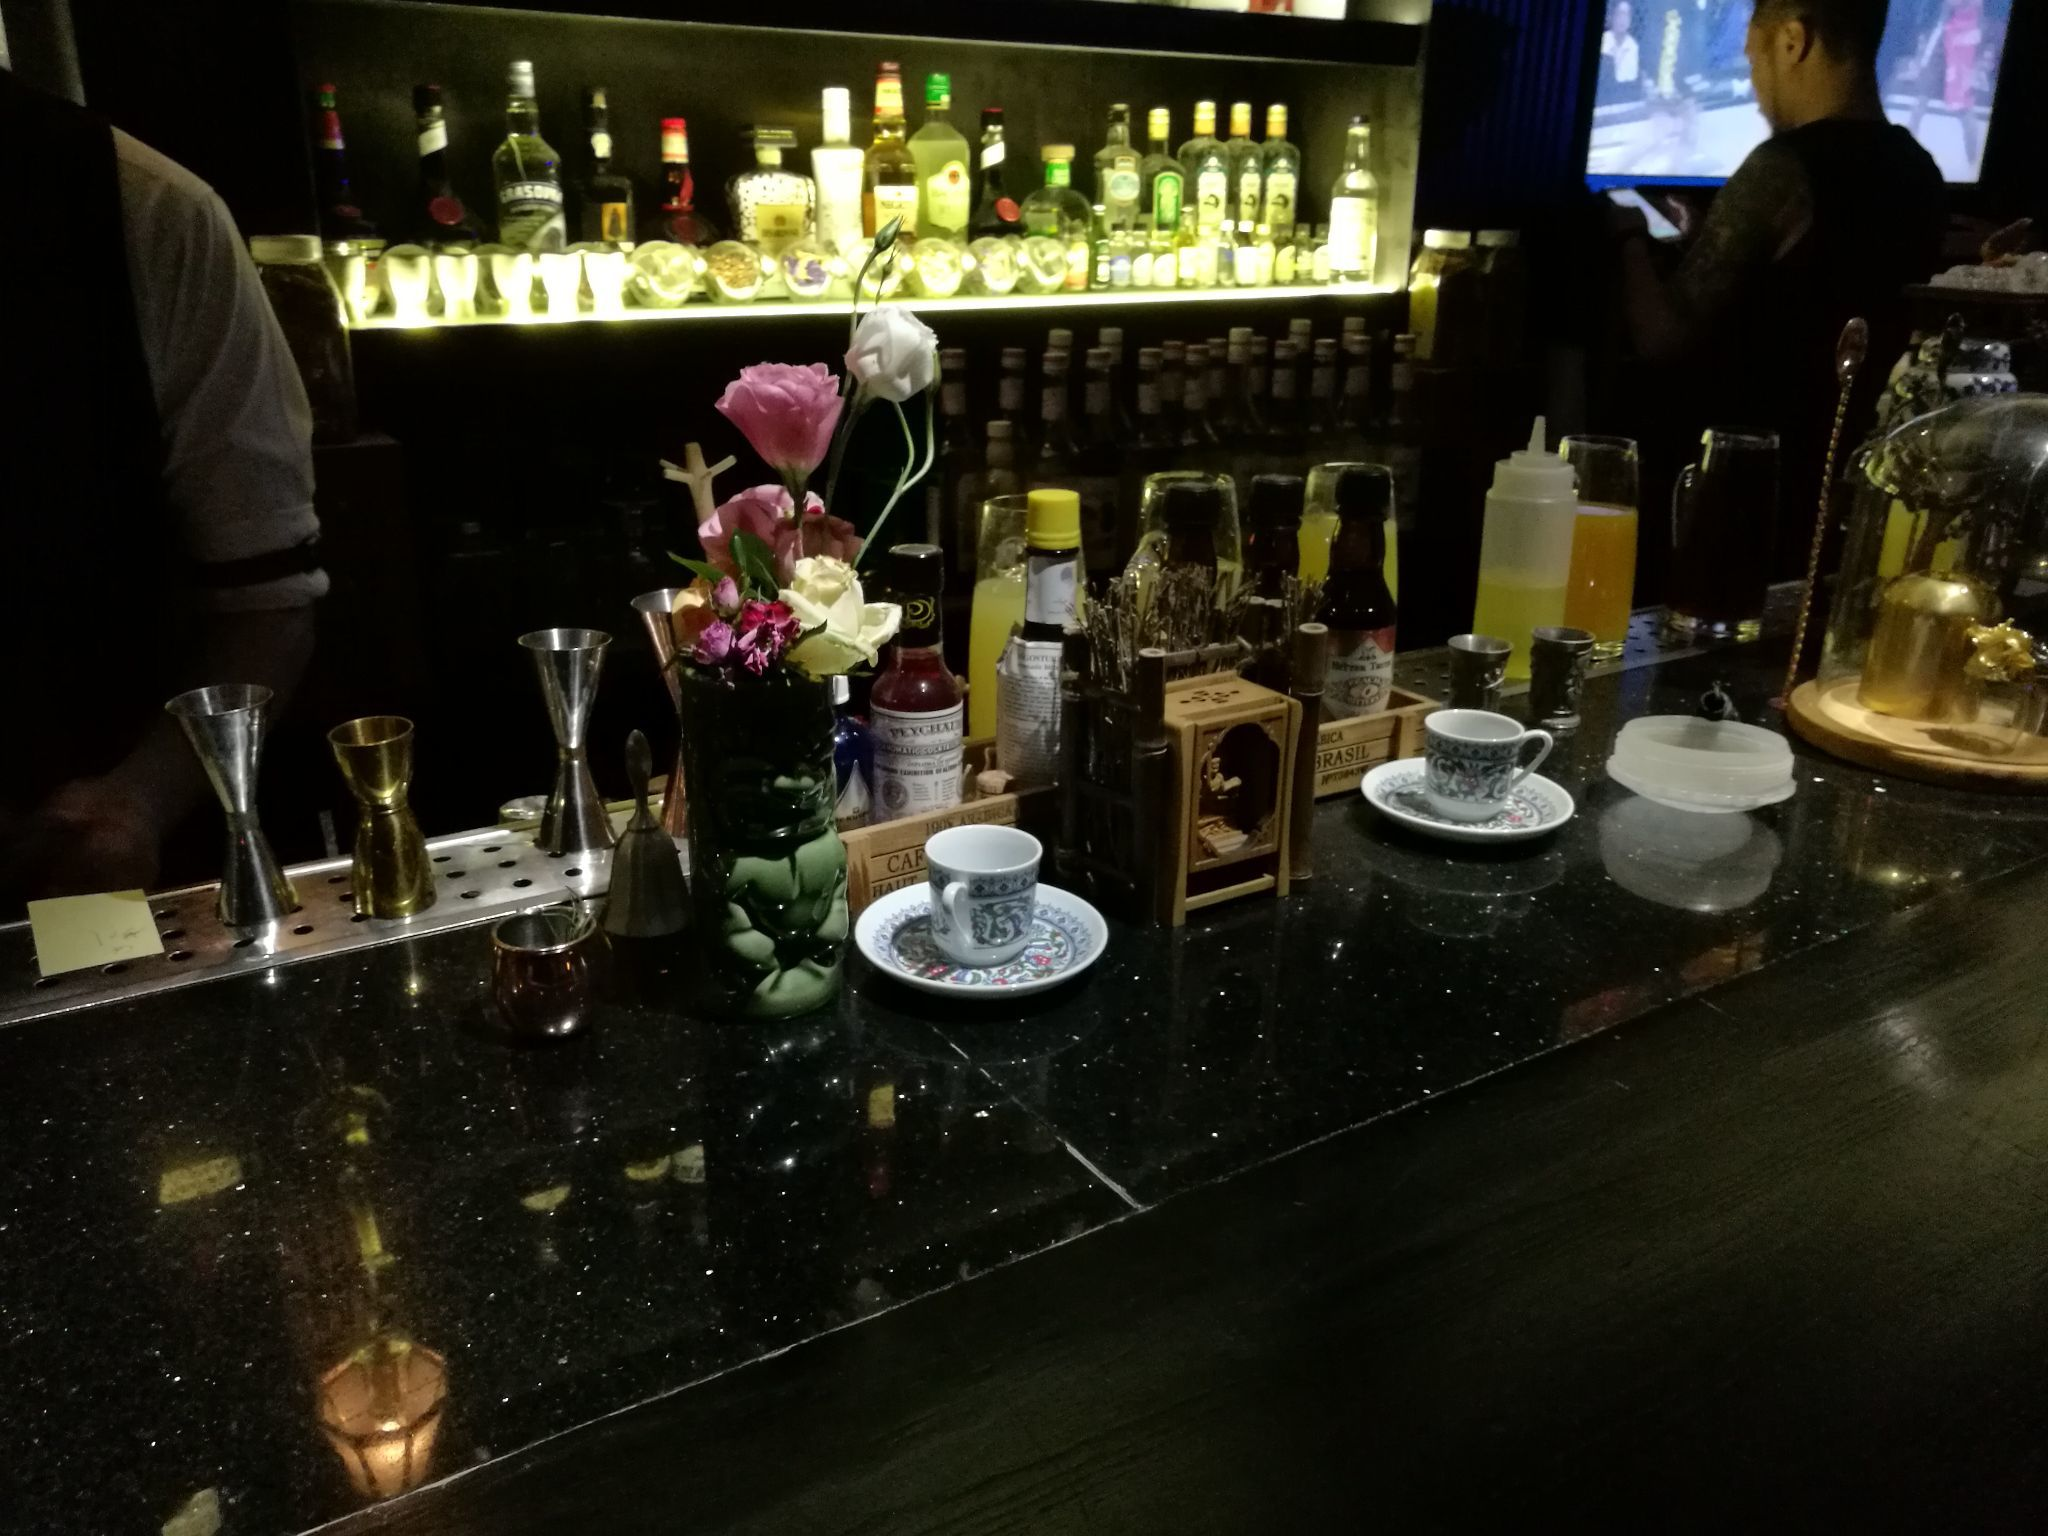 外国美女A片_昆明有哪些不错的酒吧? - 知乎